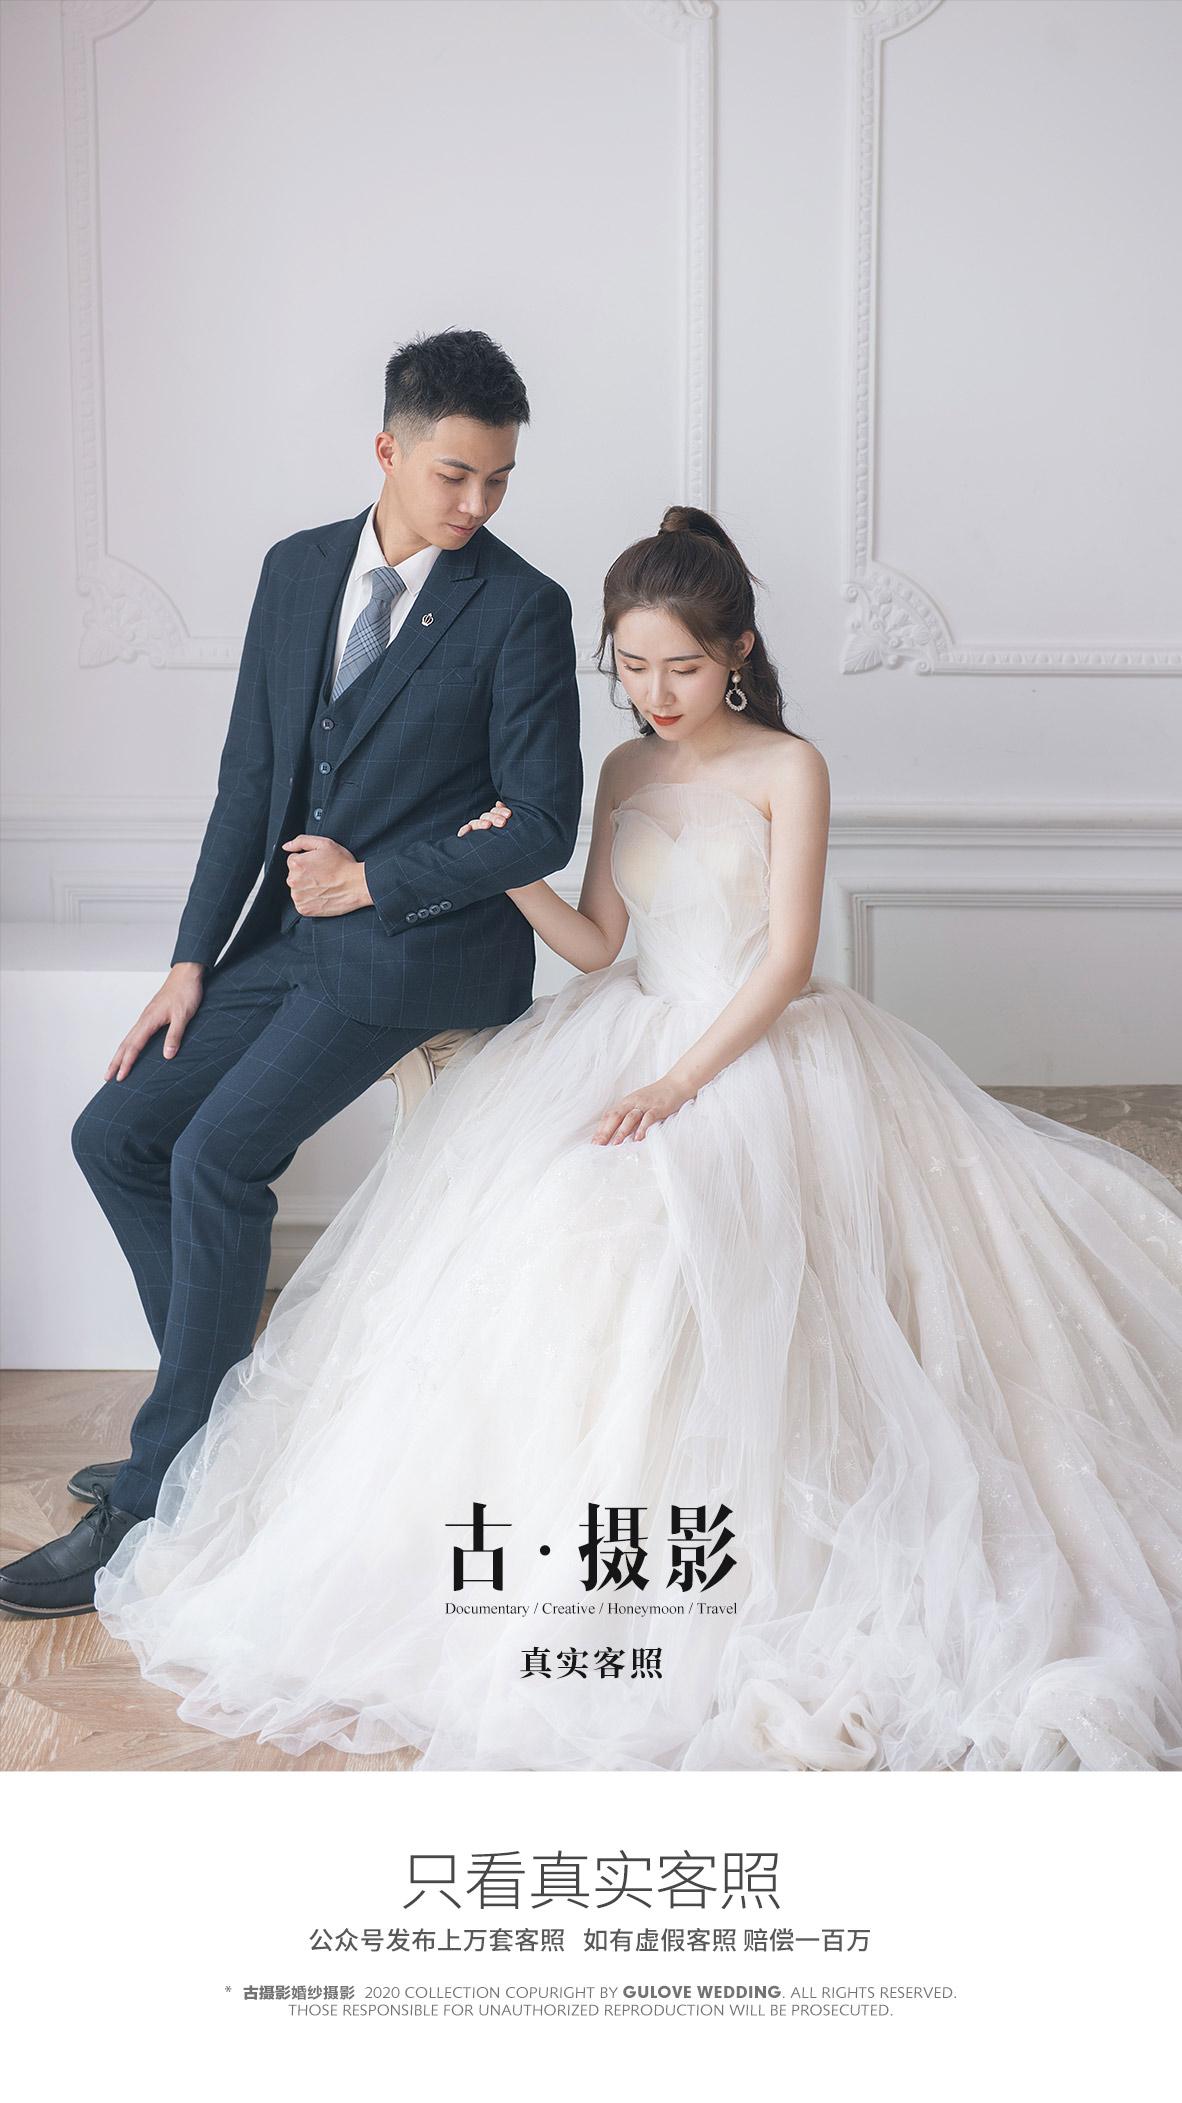 02月客照第一季 - 月度客照 - 古摄影婚纱艺术-古摄影成都婚纱摄影艺术摄影网